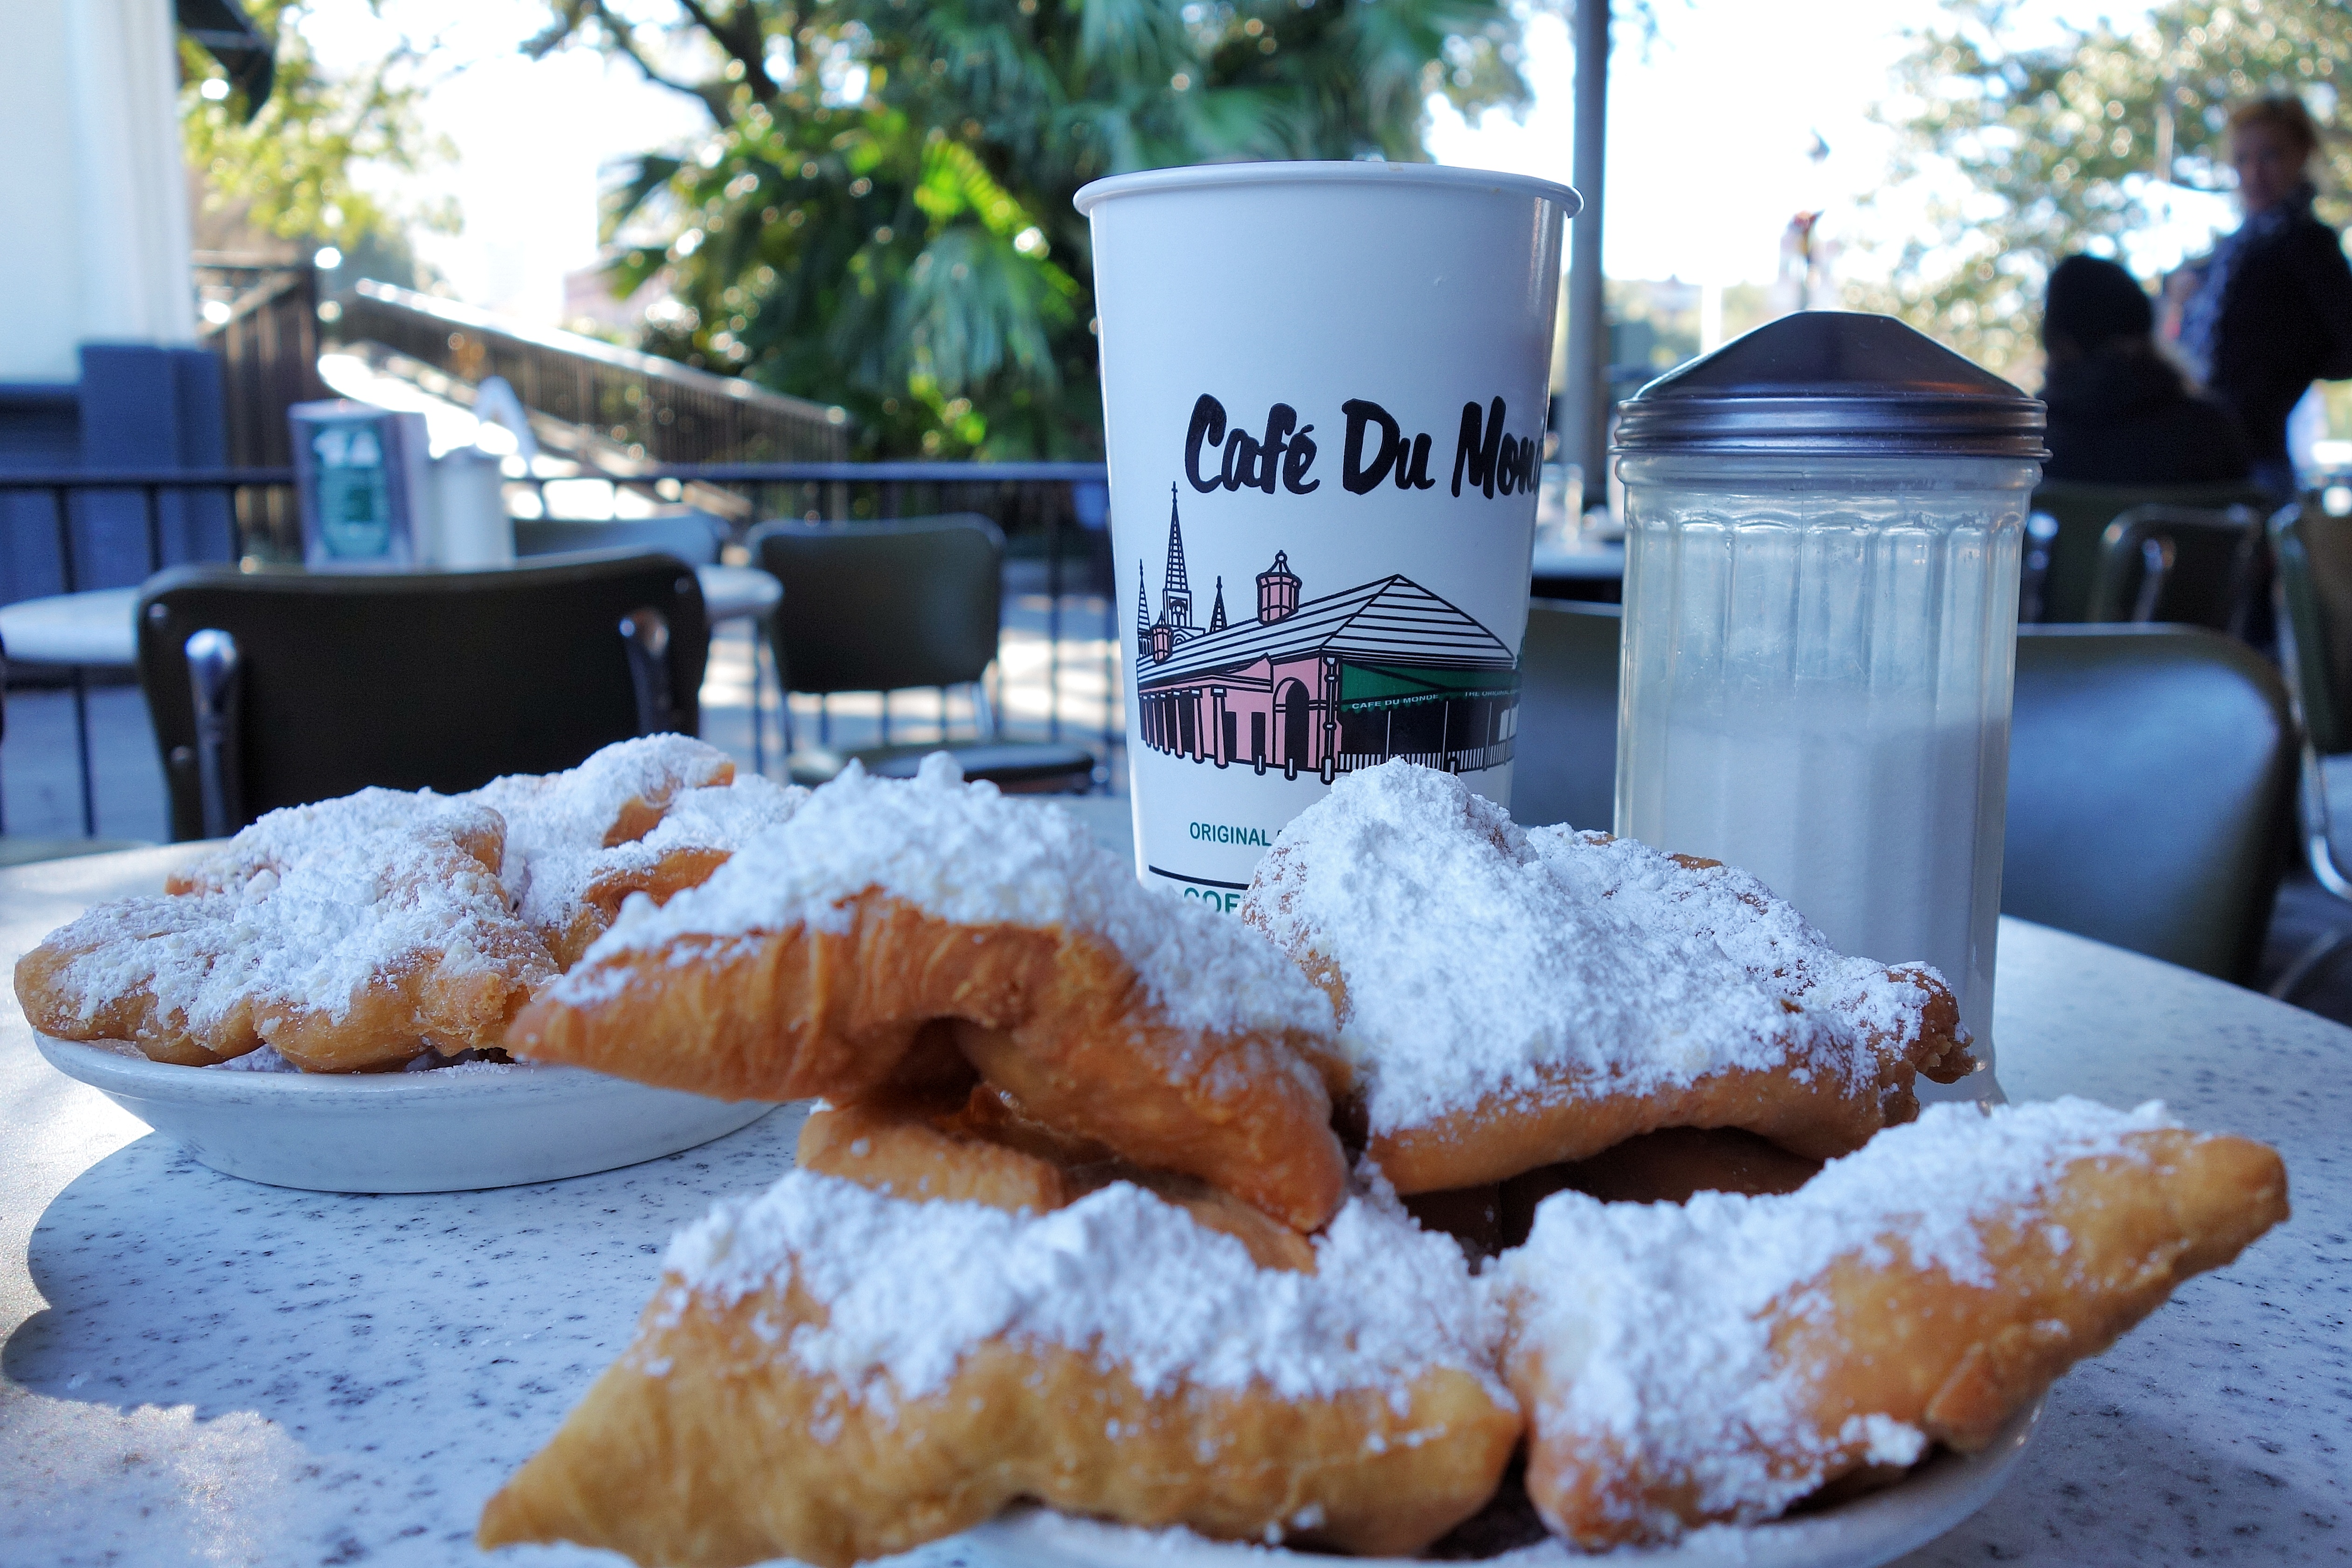 Best Vegan Food New Orleans